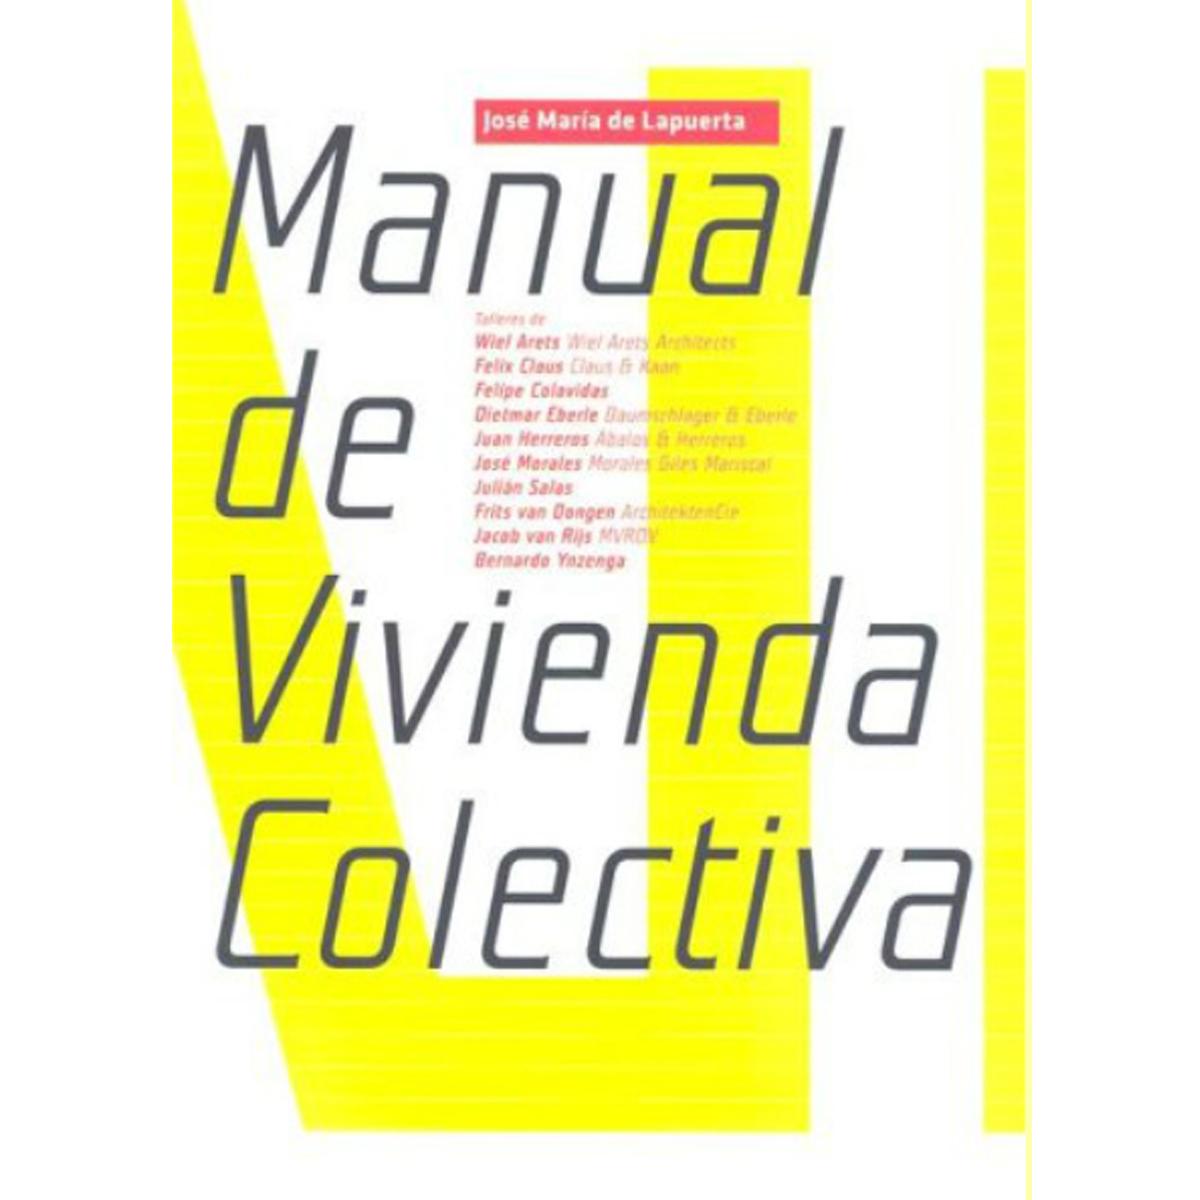 Manual de Vivienda Colectiva